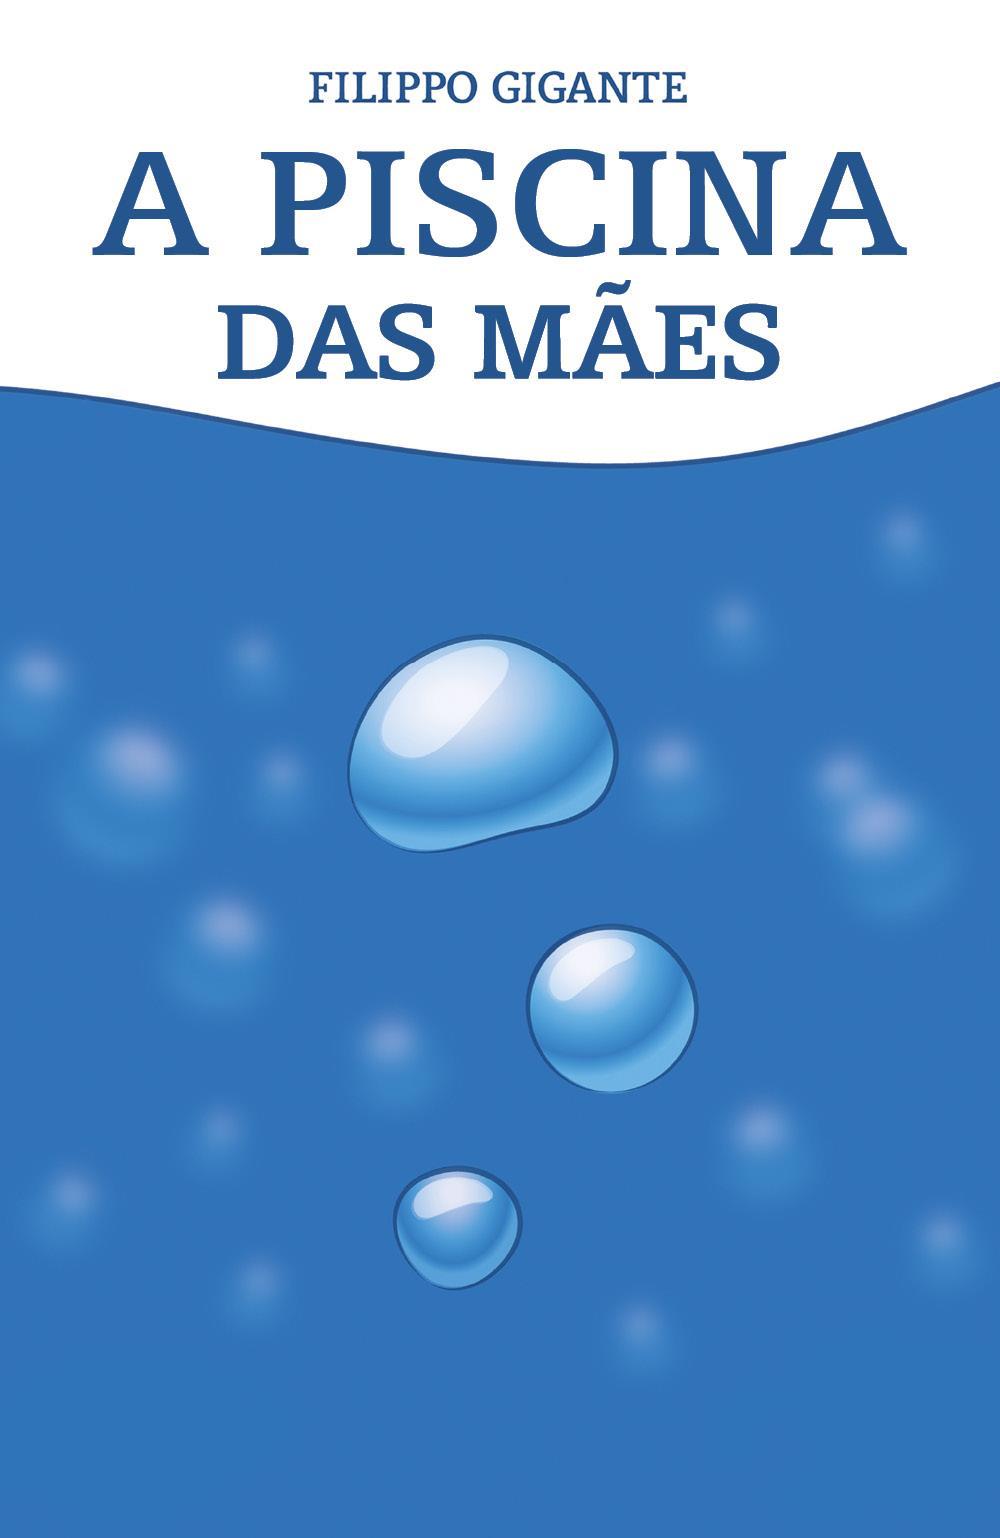 A piscina das mães. Traduzido por Ana Clara Vieira da Fonseca